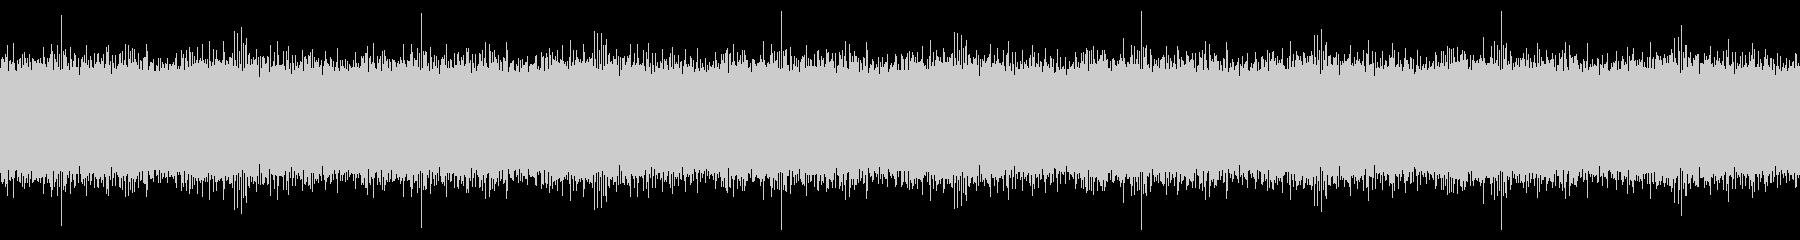 【録音】セミの鳴き声1分(ループ)の未再生の波形